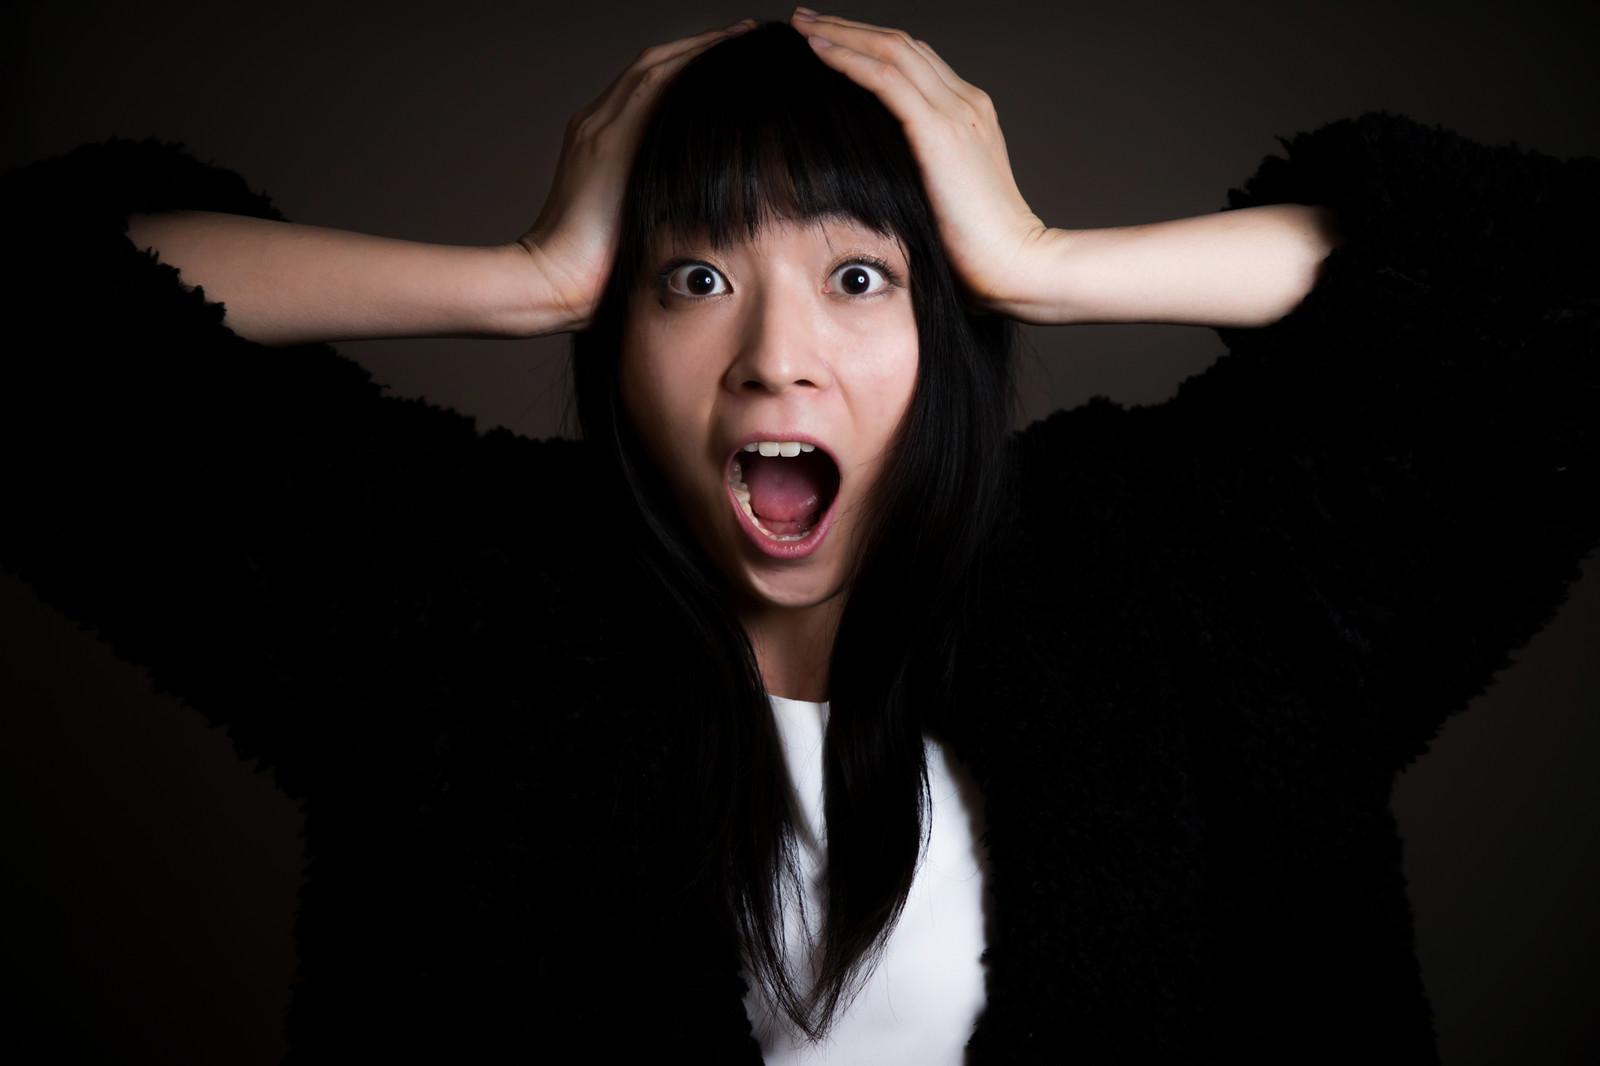 男性型脱毛症AGAが女性に増えている?FAGAの原因と対策